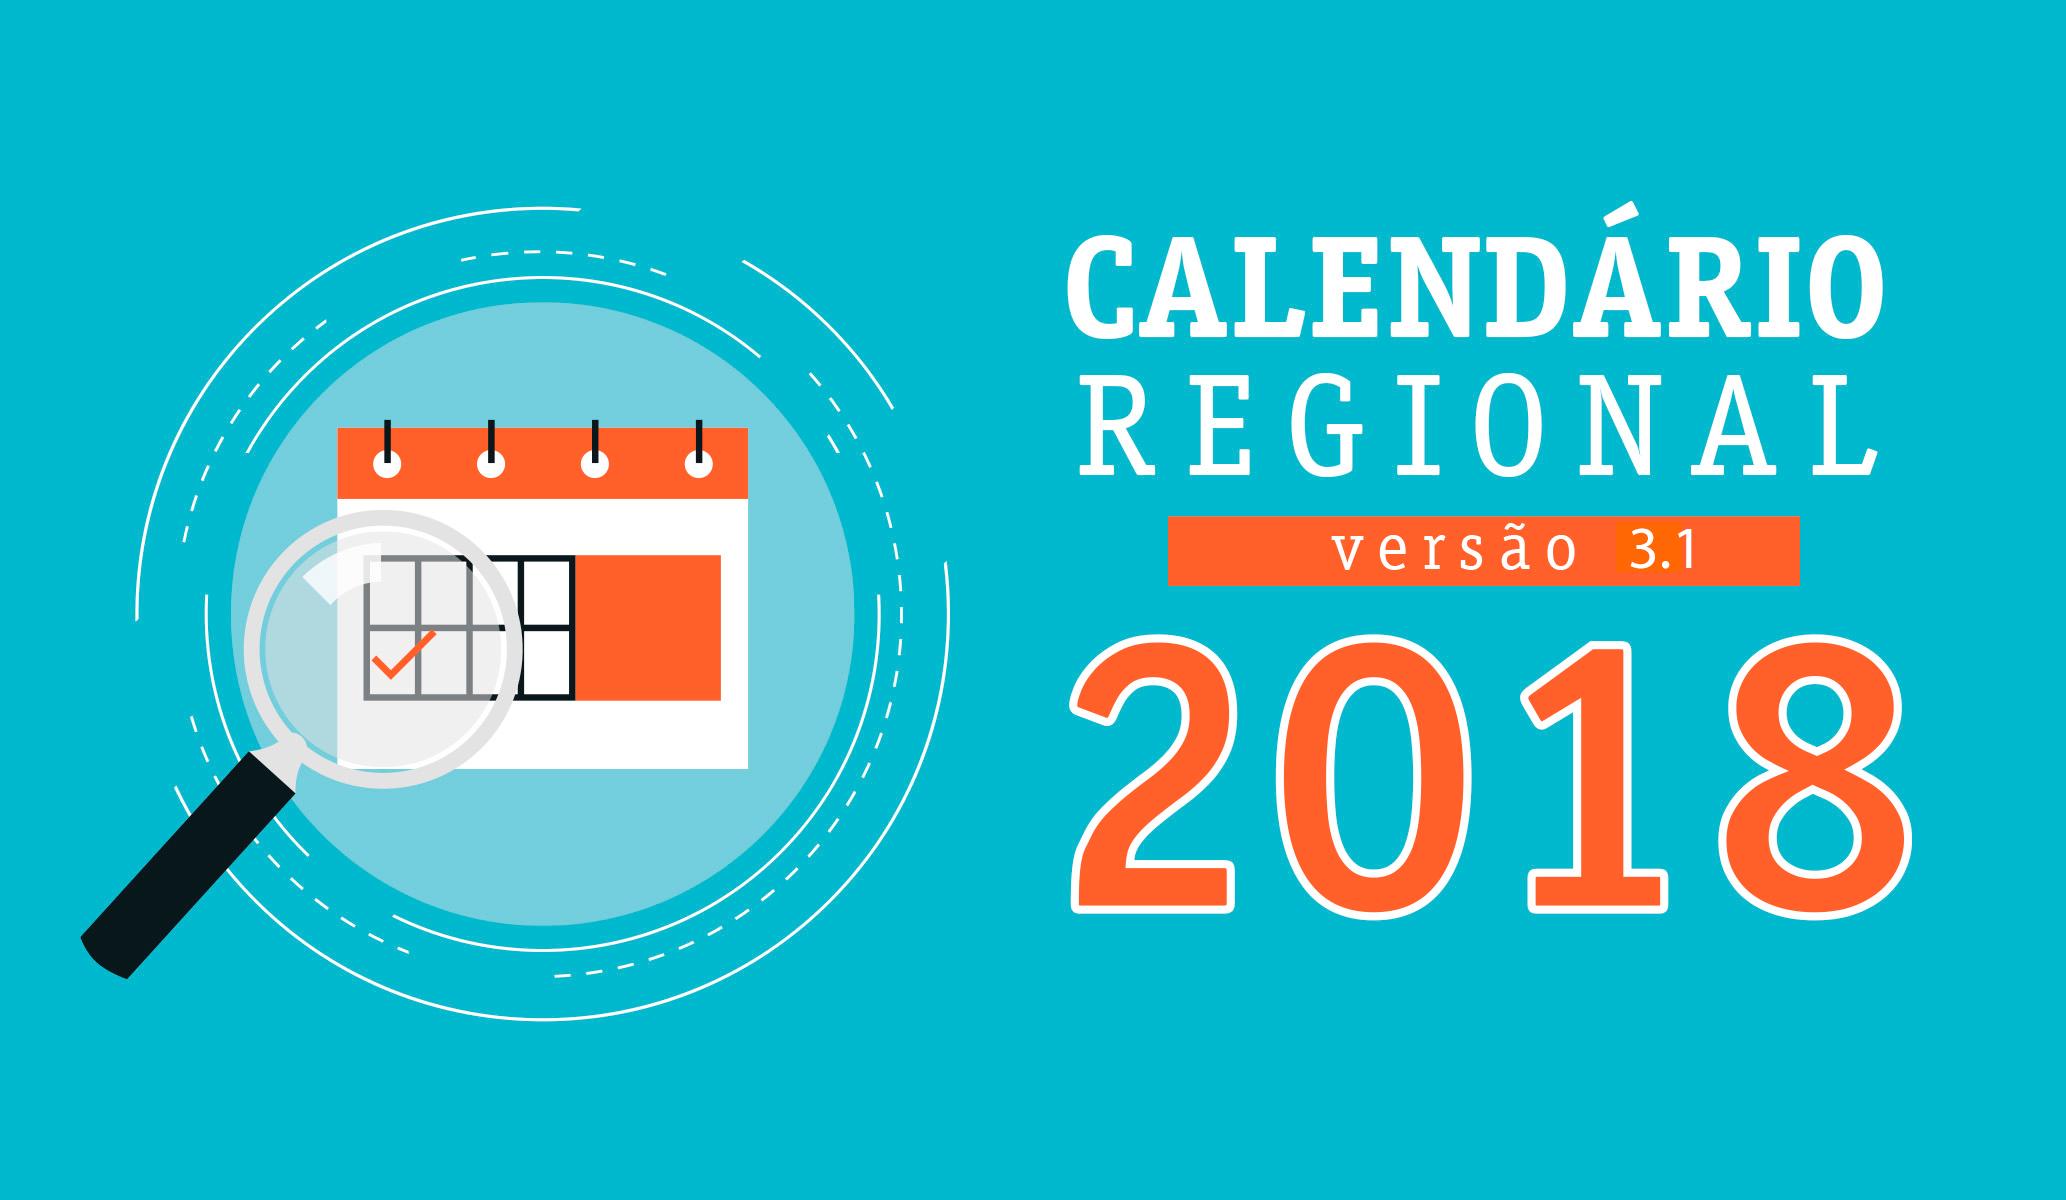 Versão 3.1 do Calendário Regional 2018